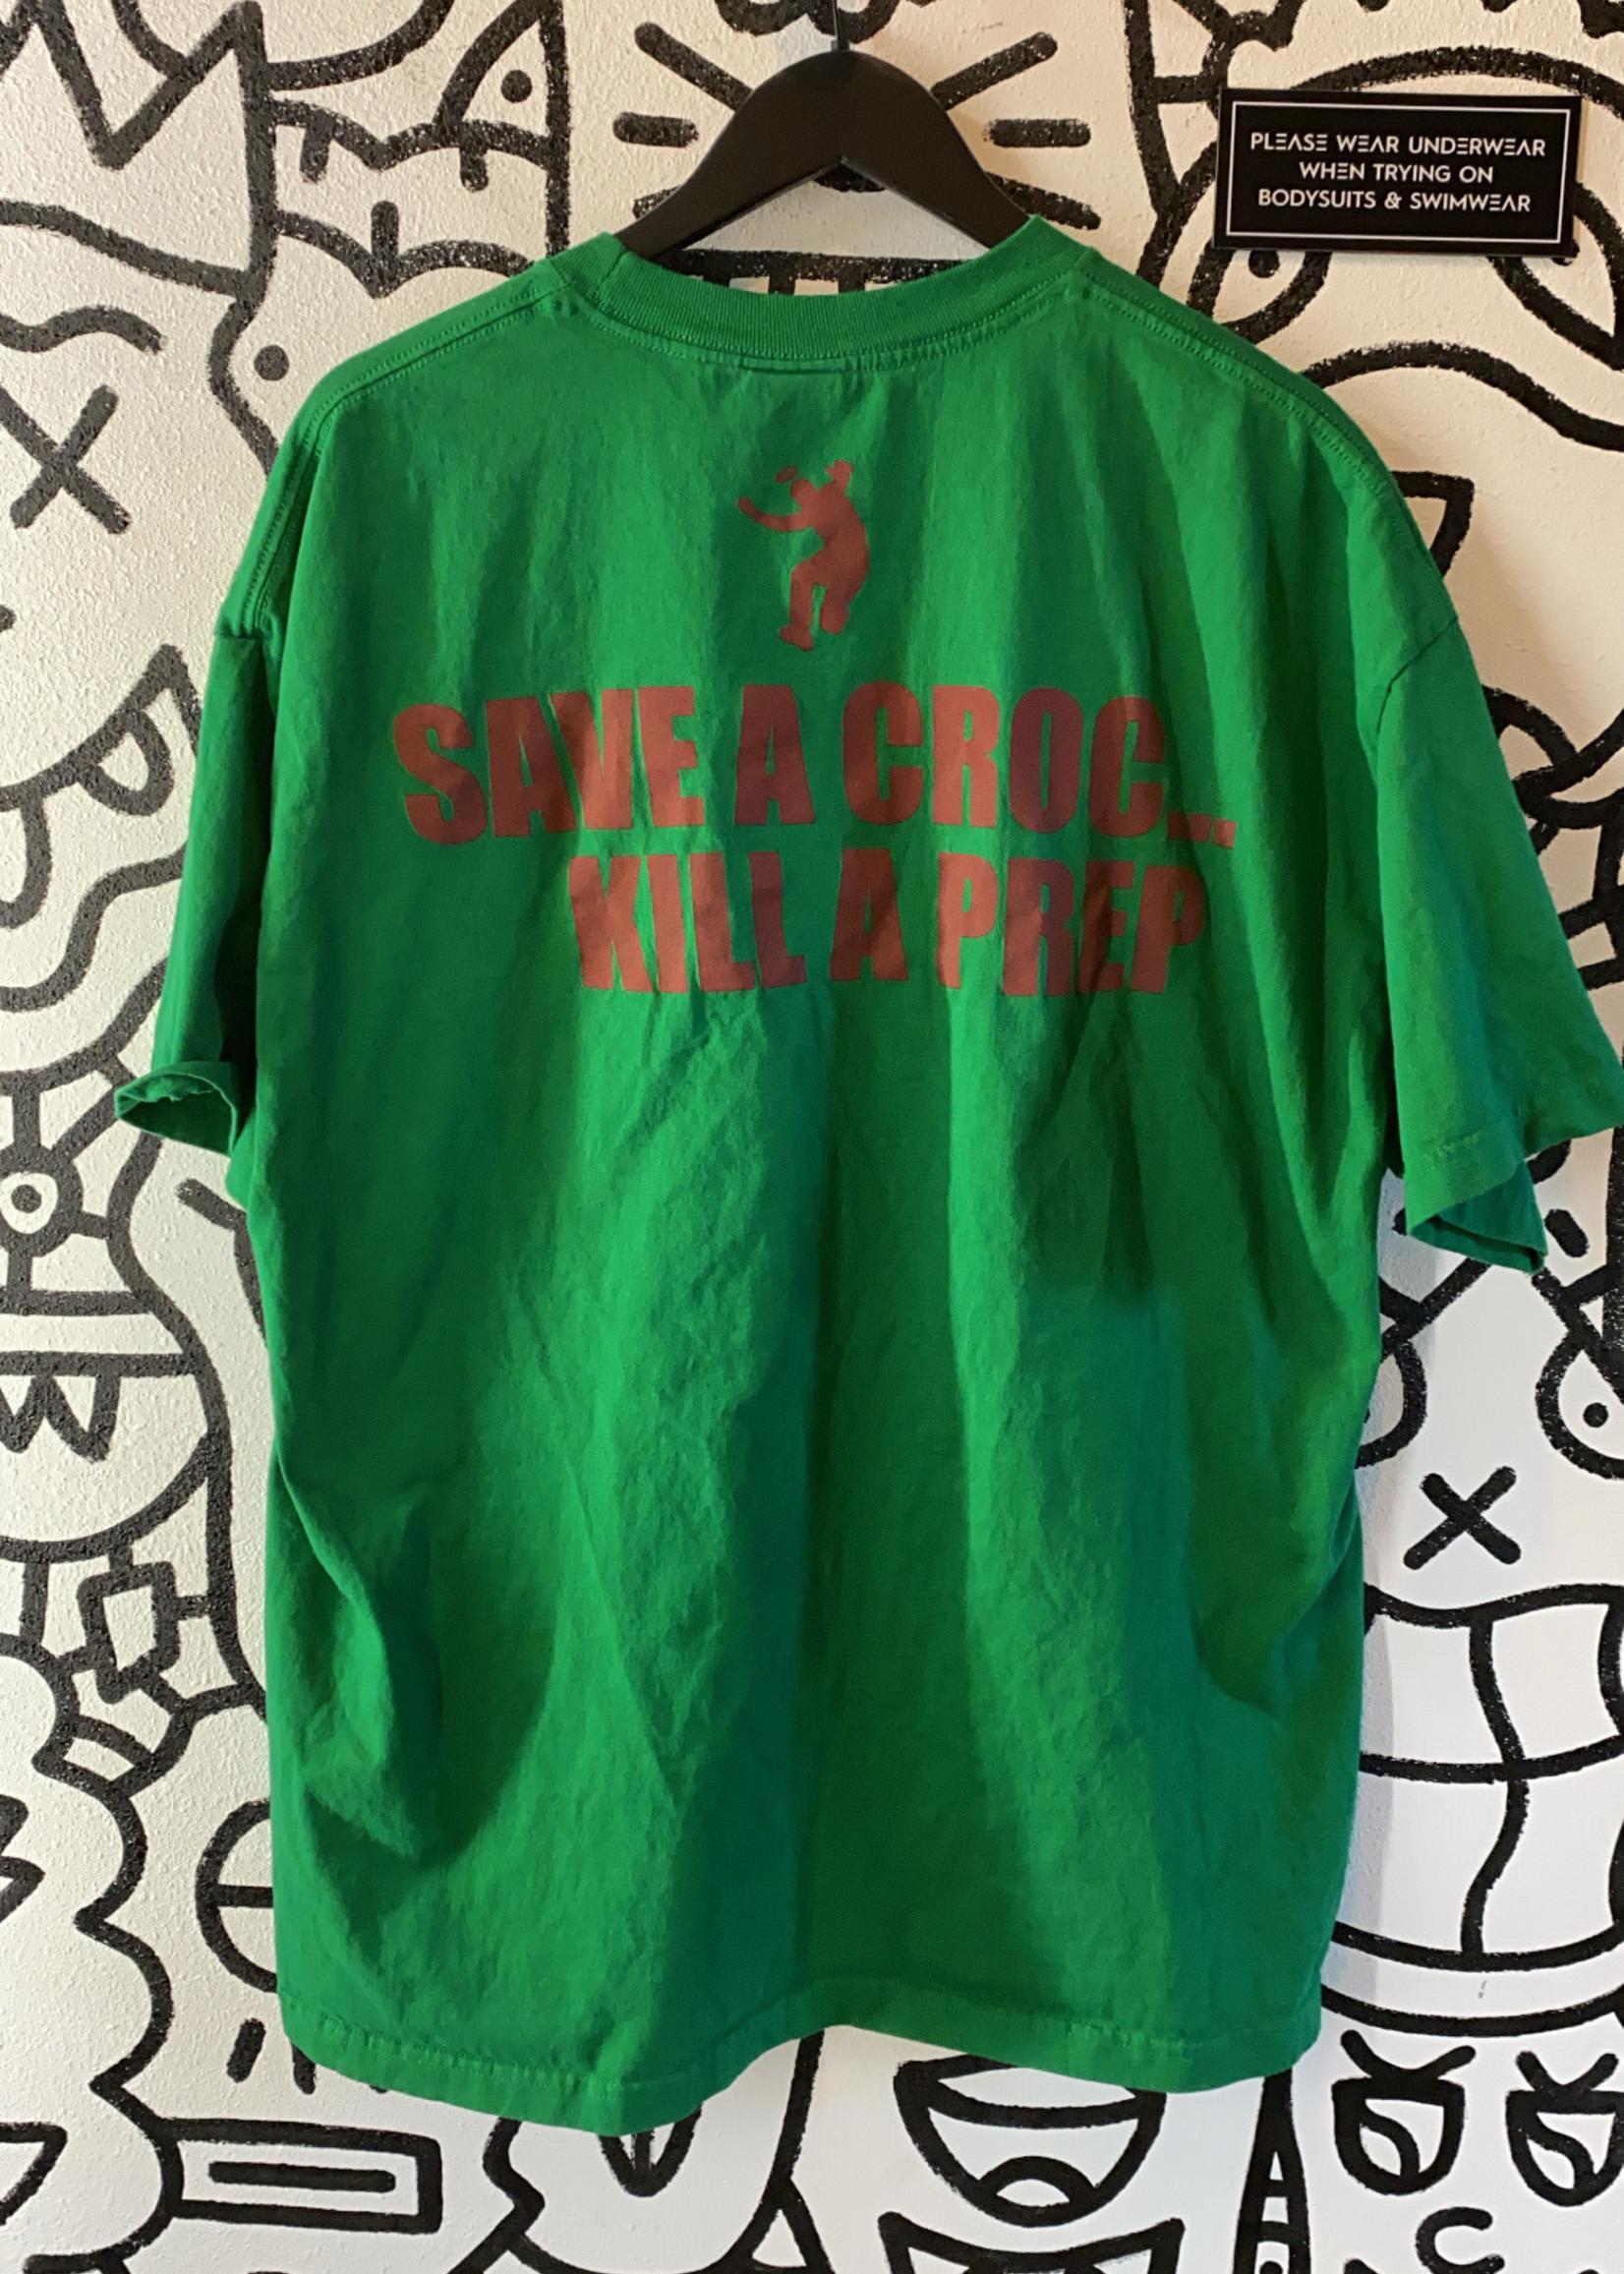 Green Save a croc Shirt